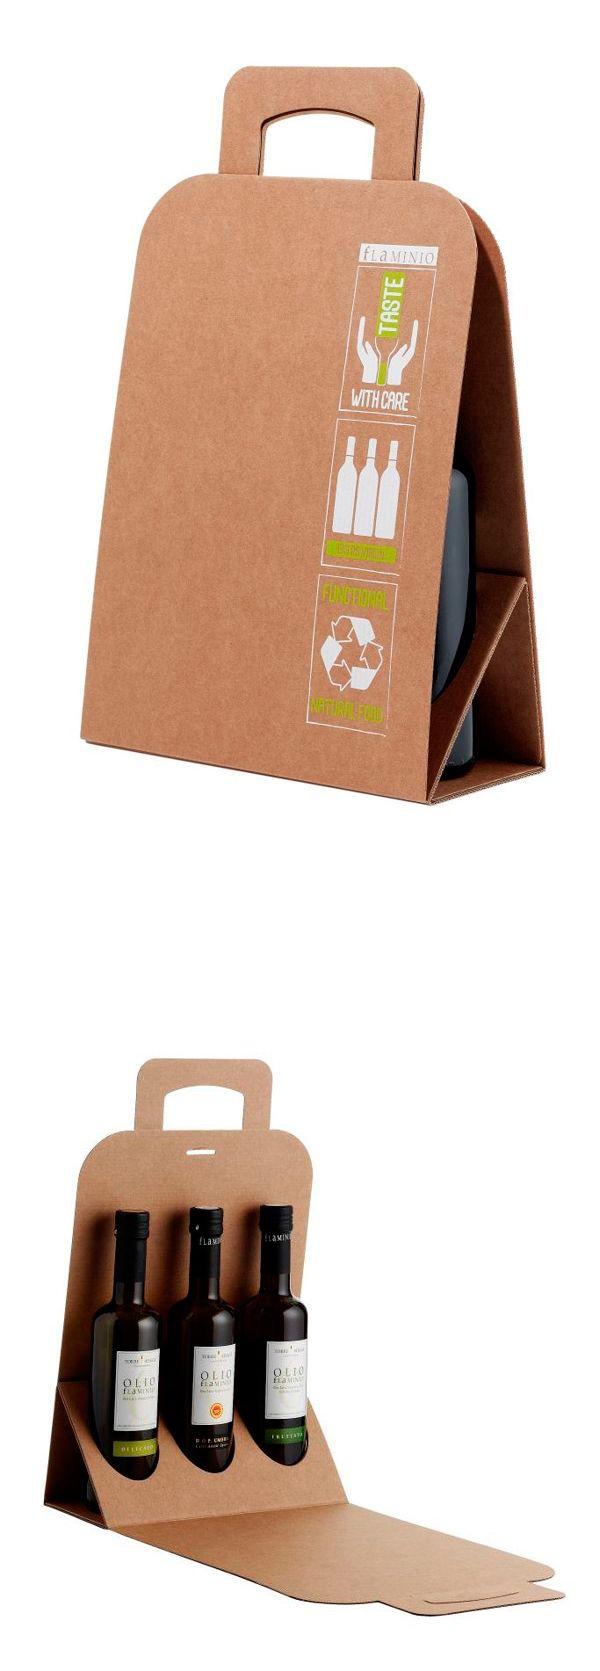 #packaging #wine